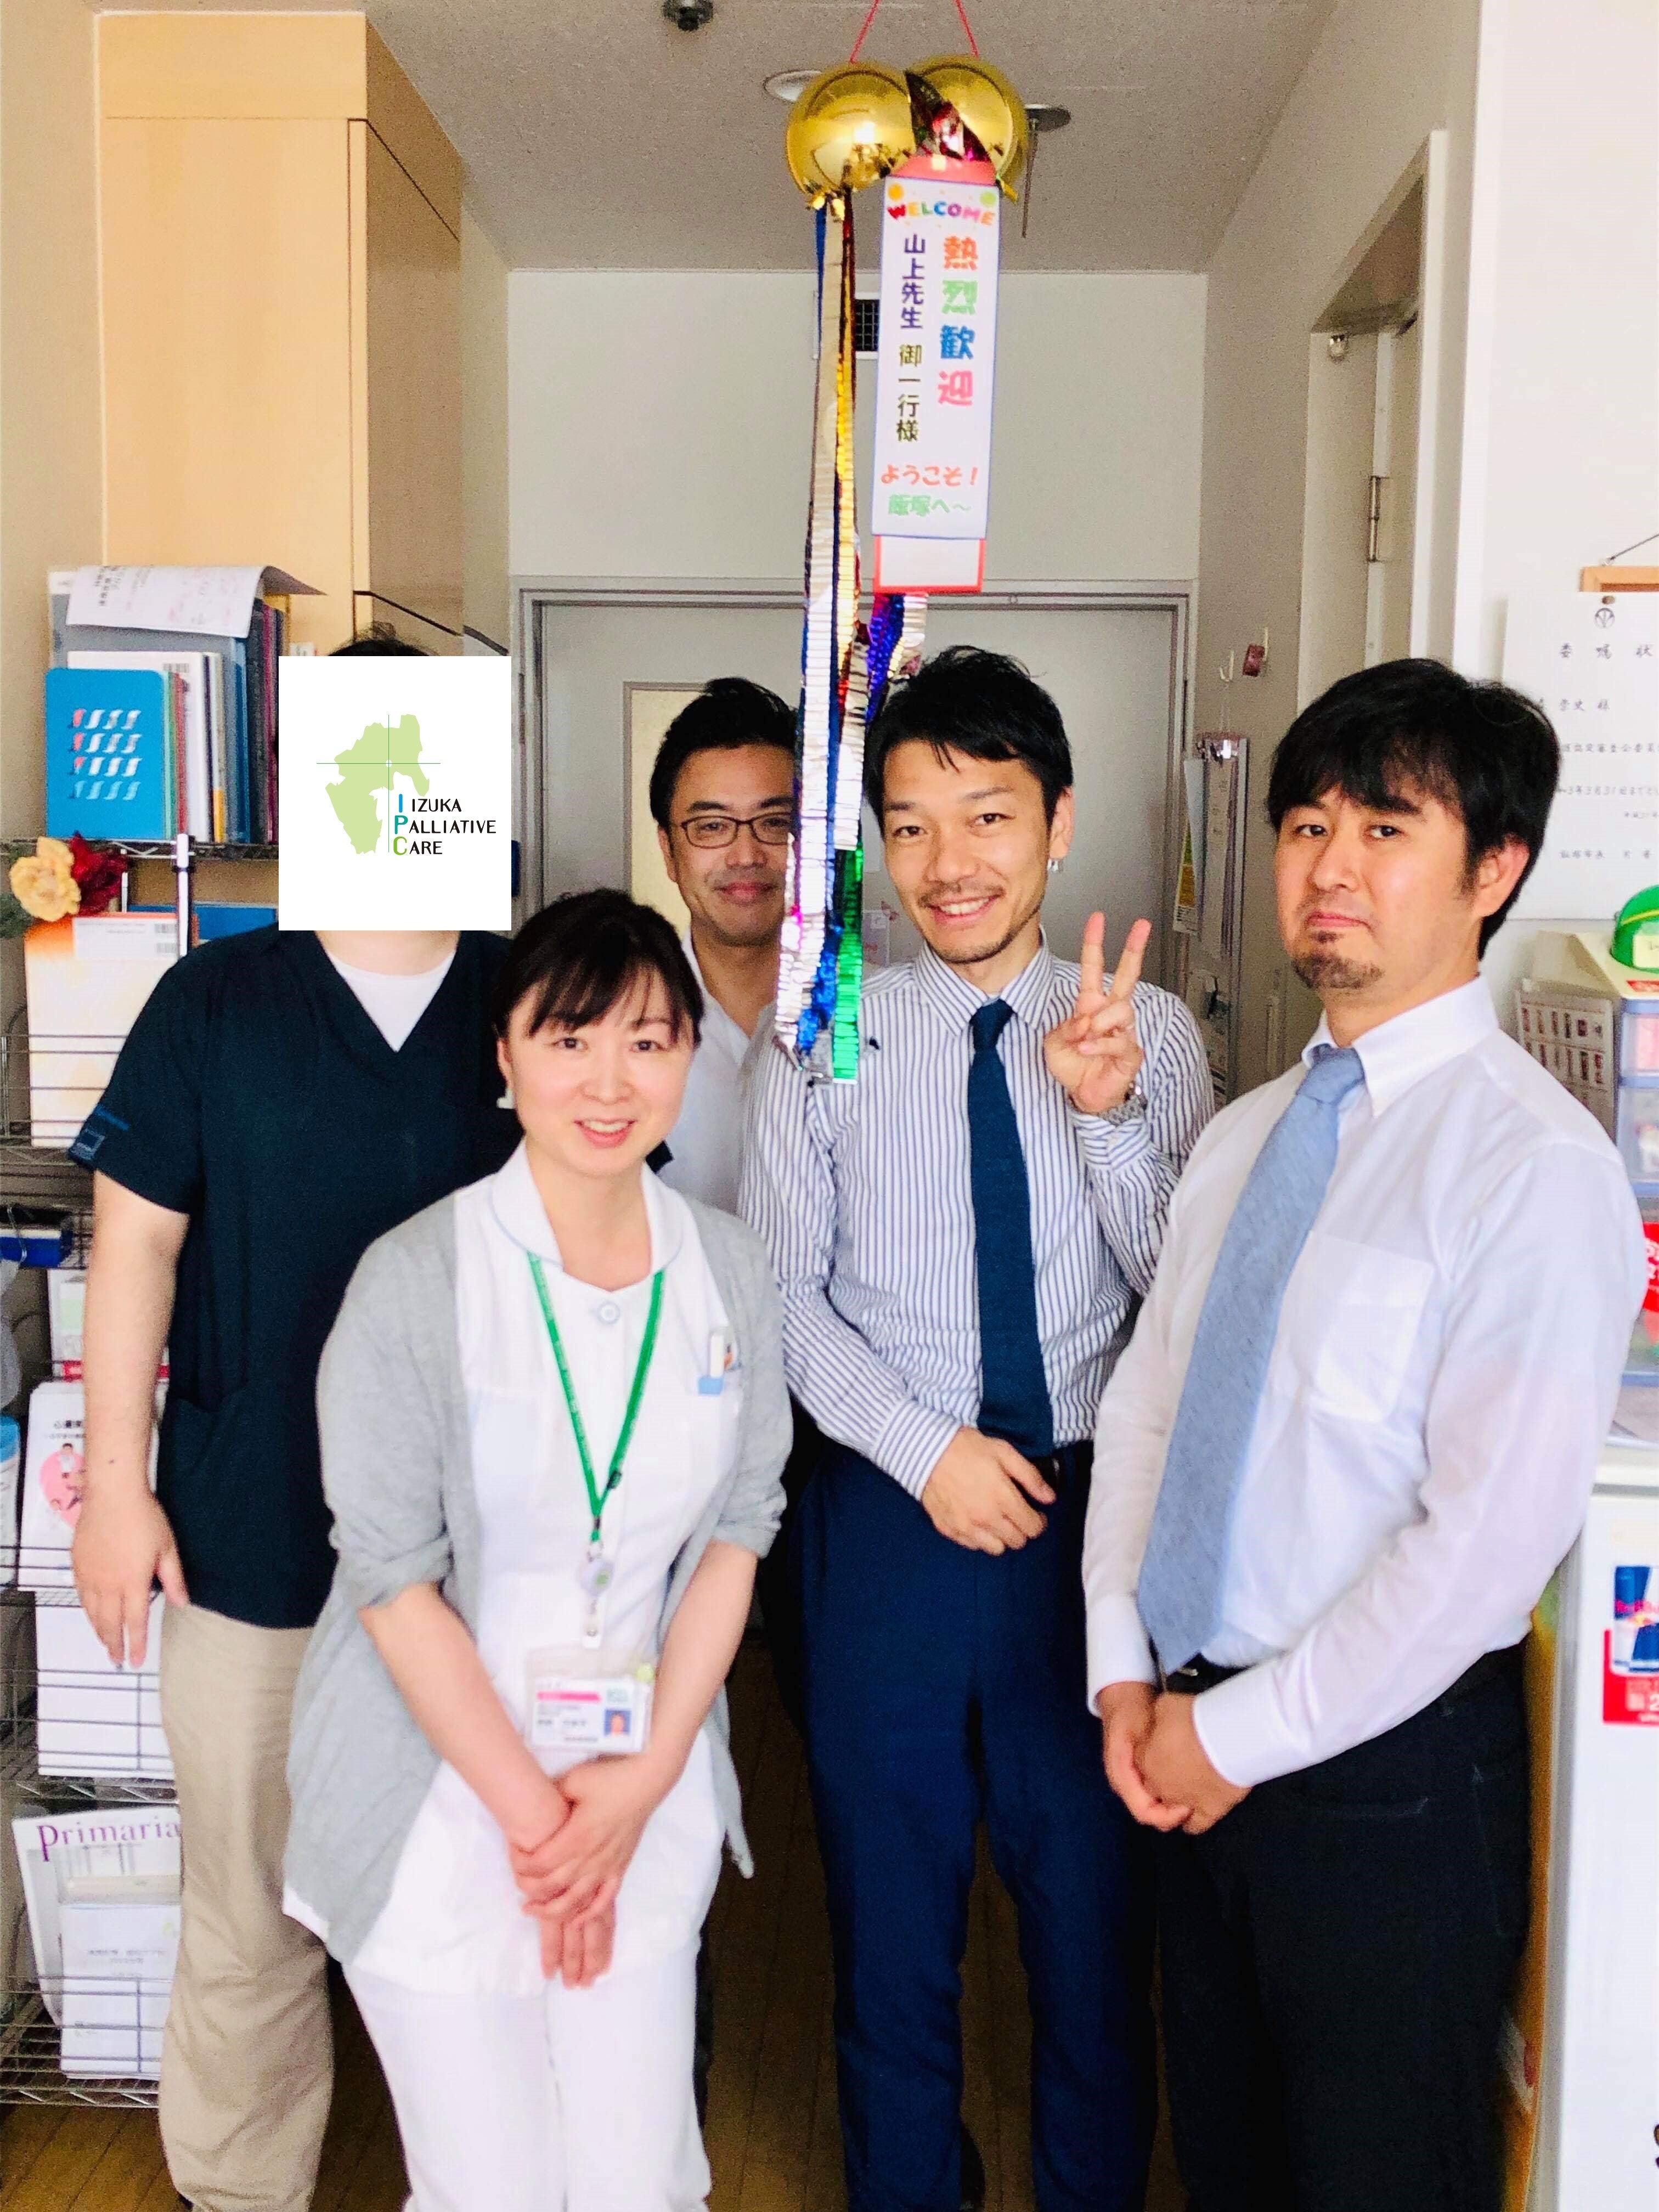 病院 総合 湘南 鎌倉